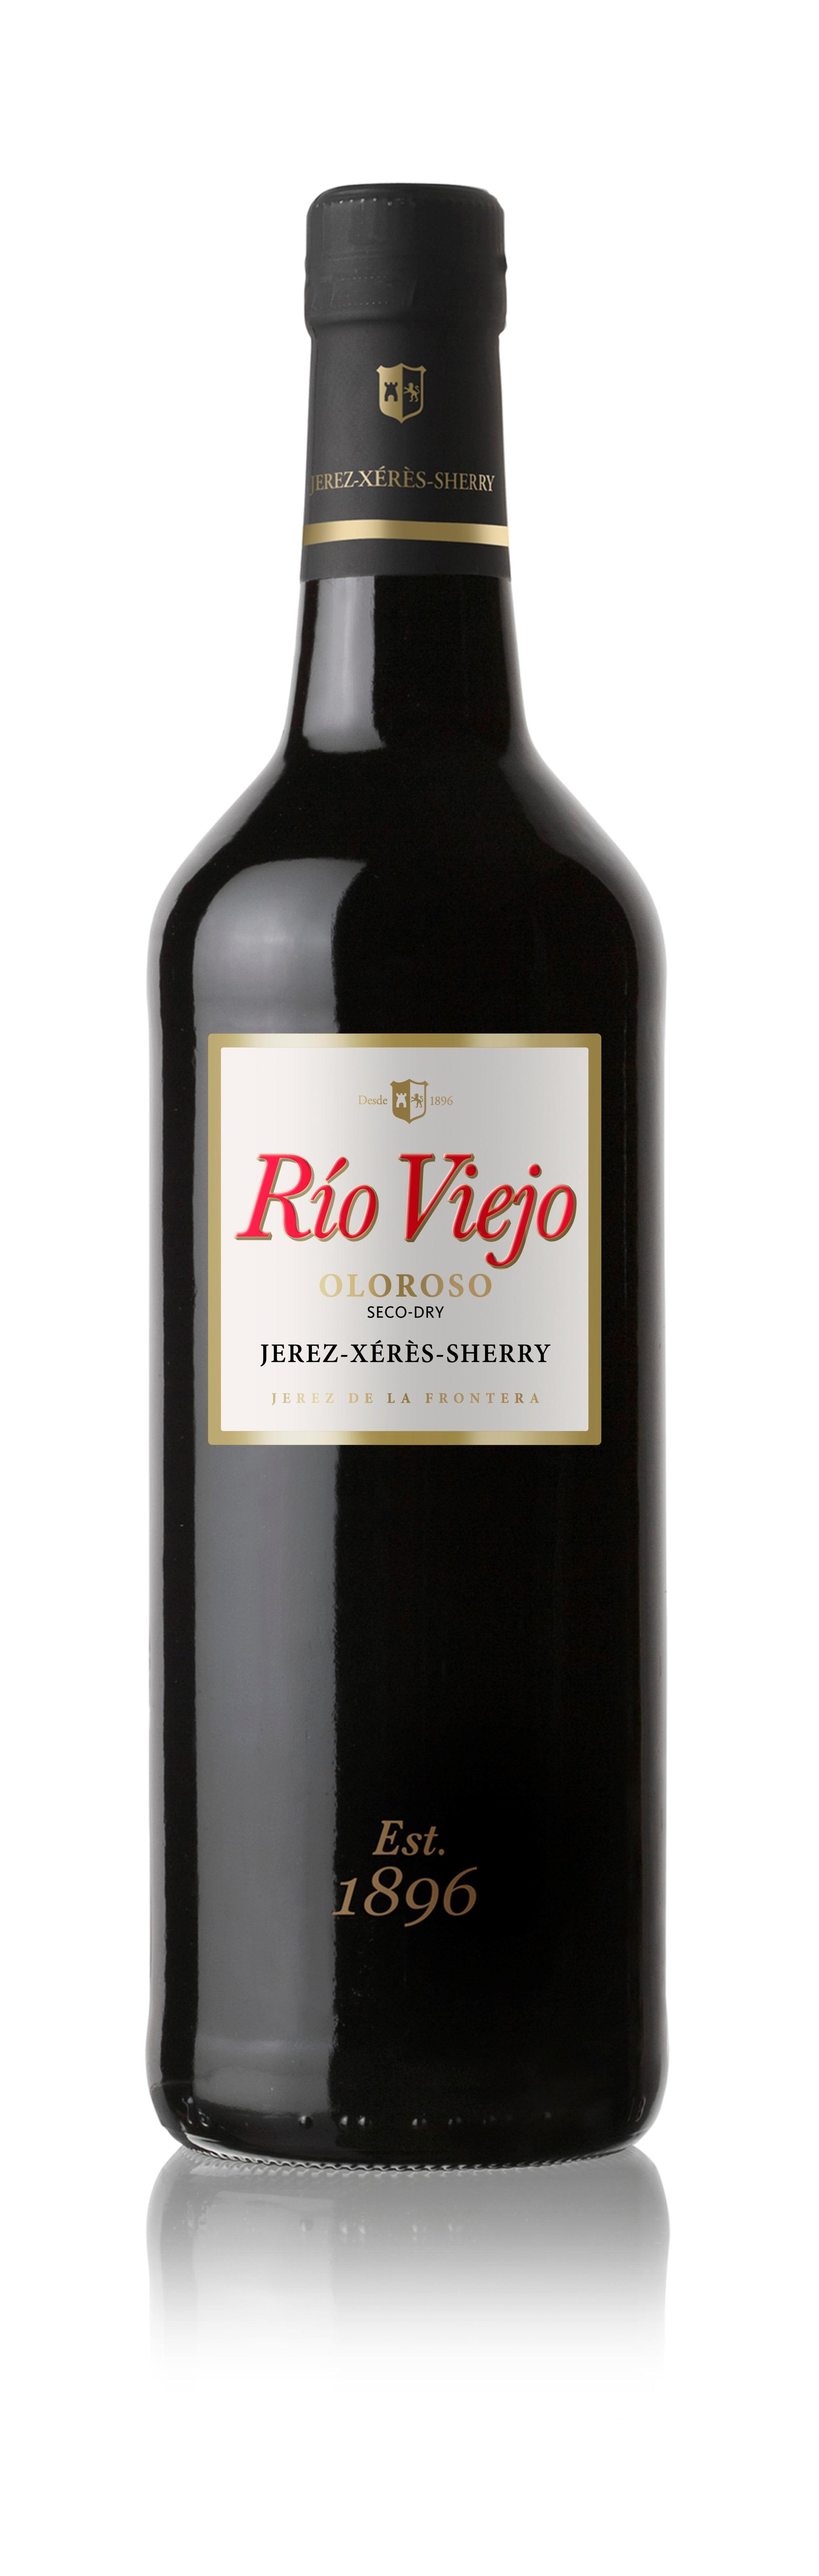 Oloroso Rio Viejo